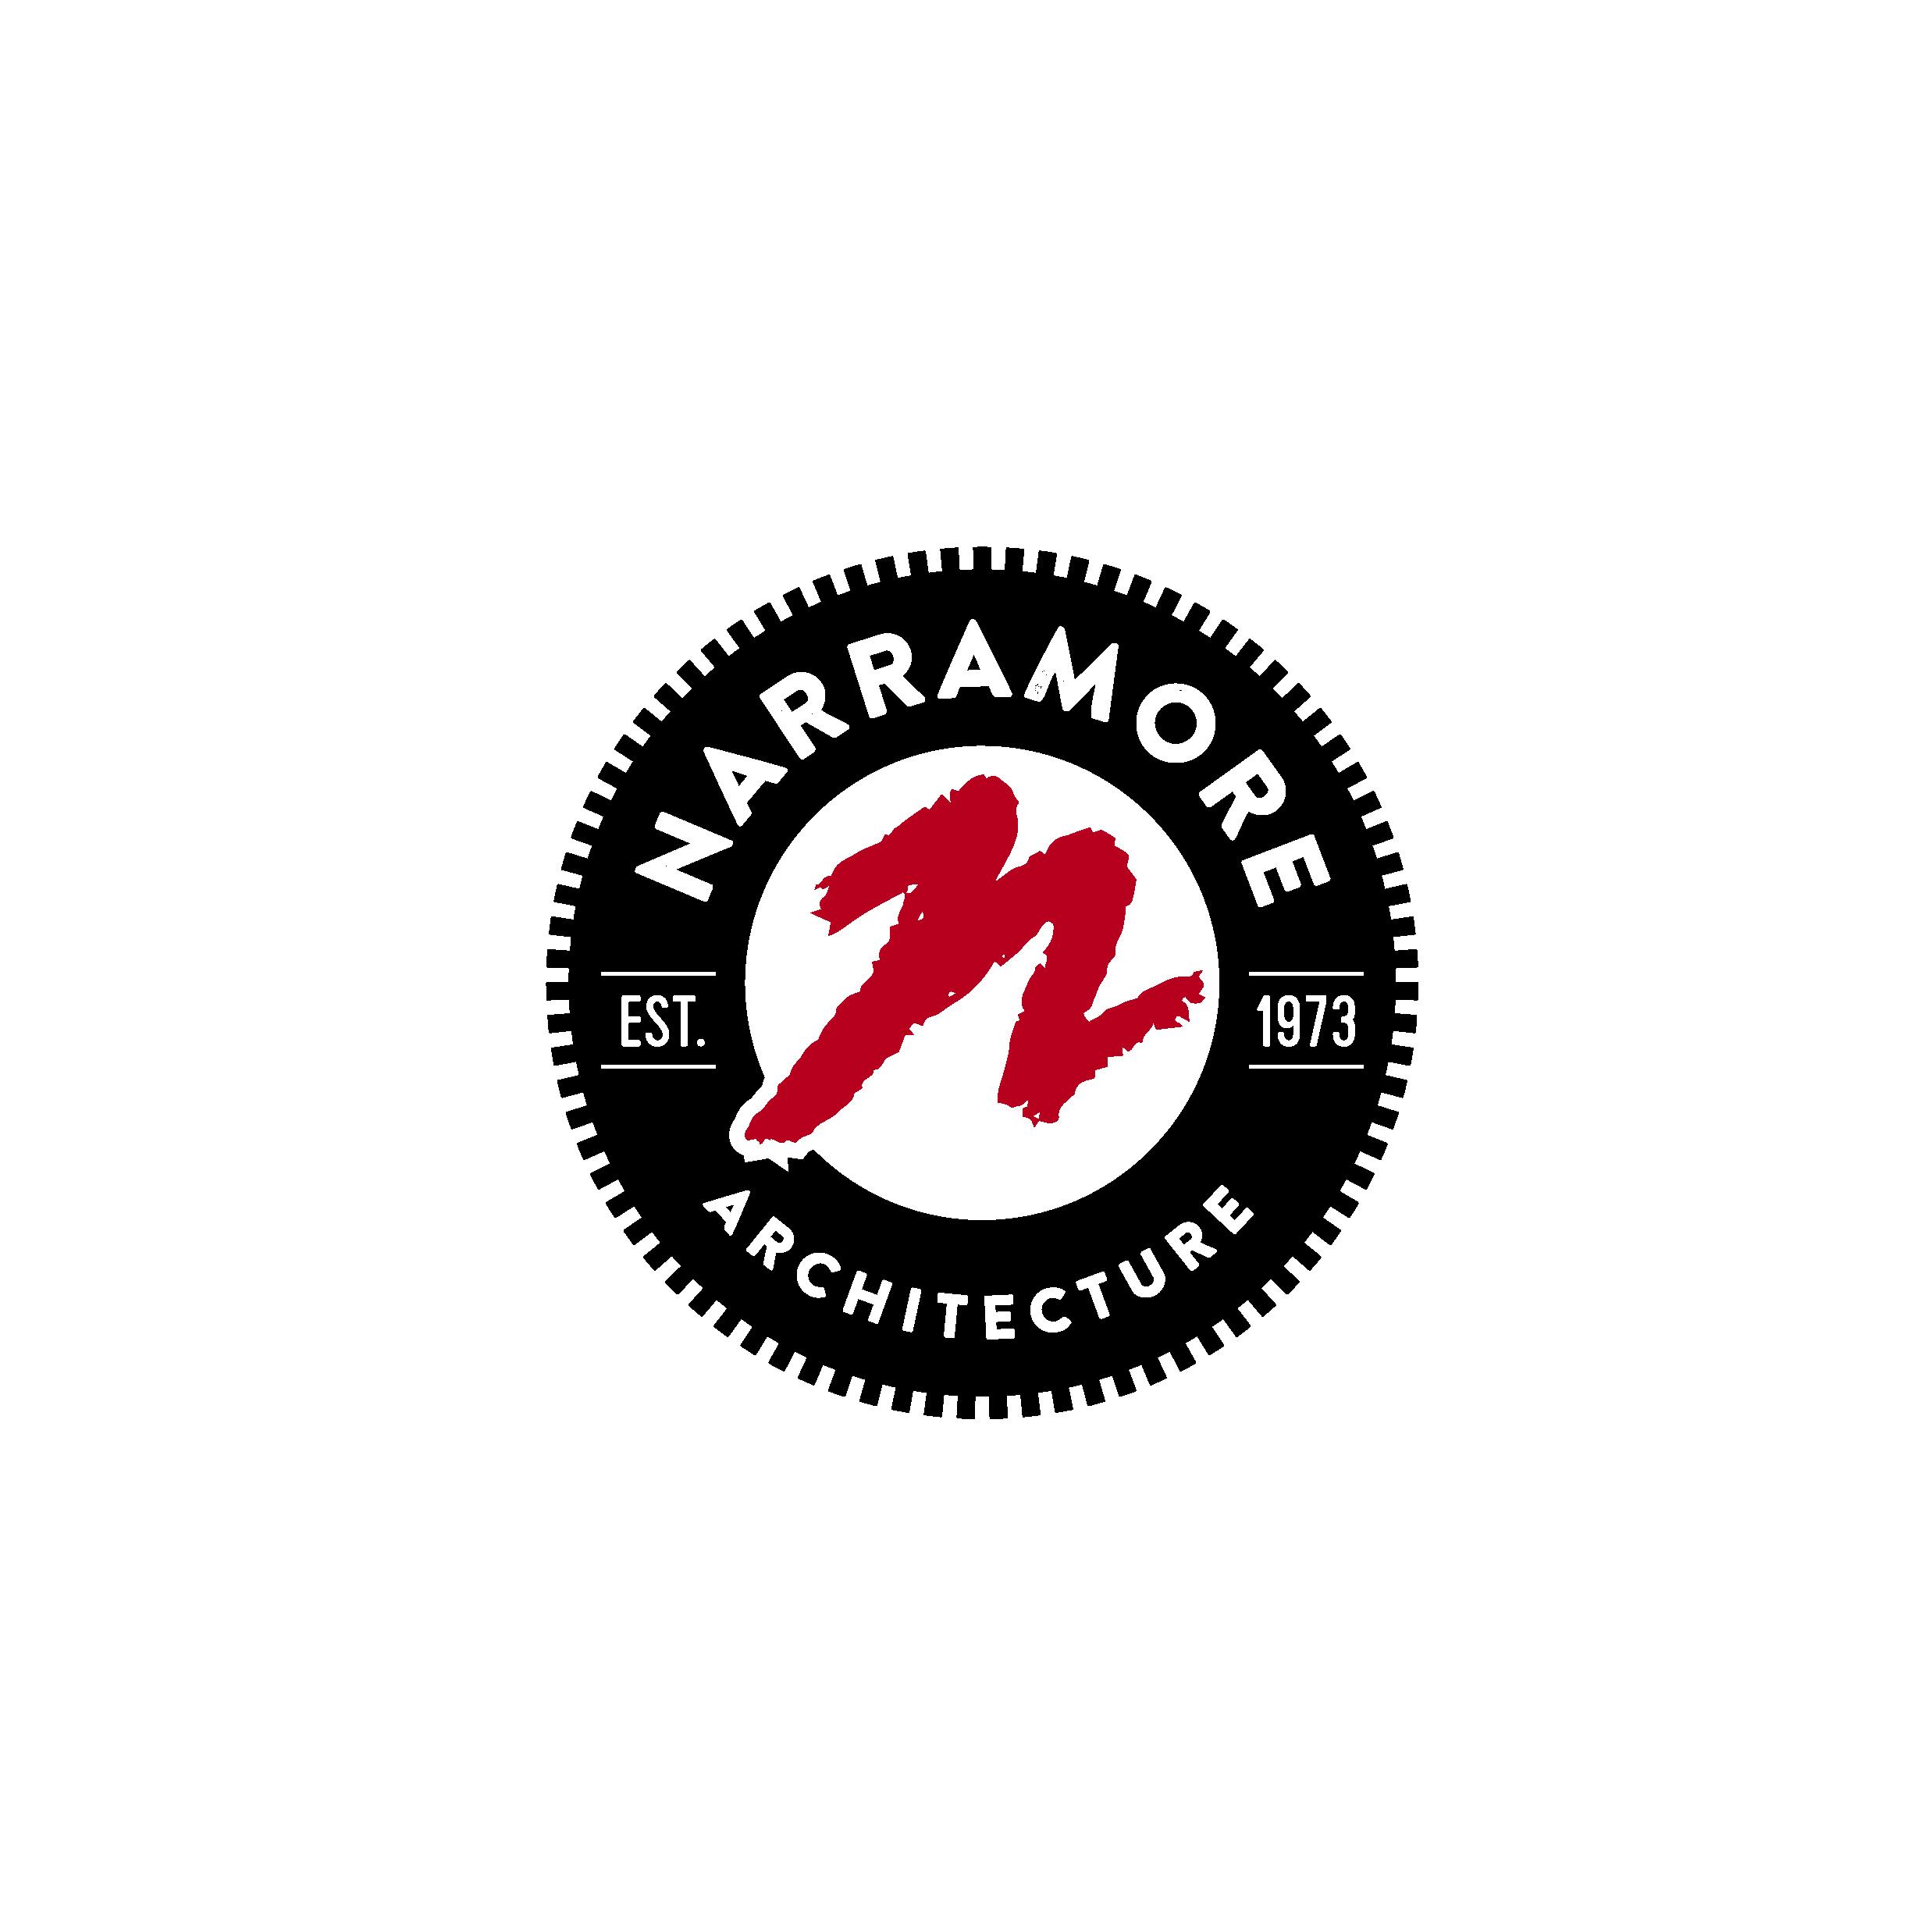 Narramore logo